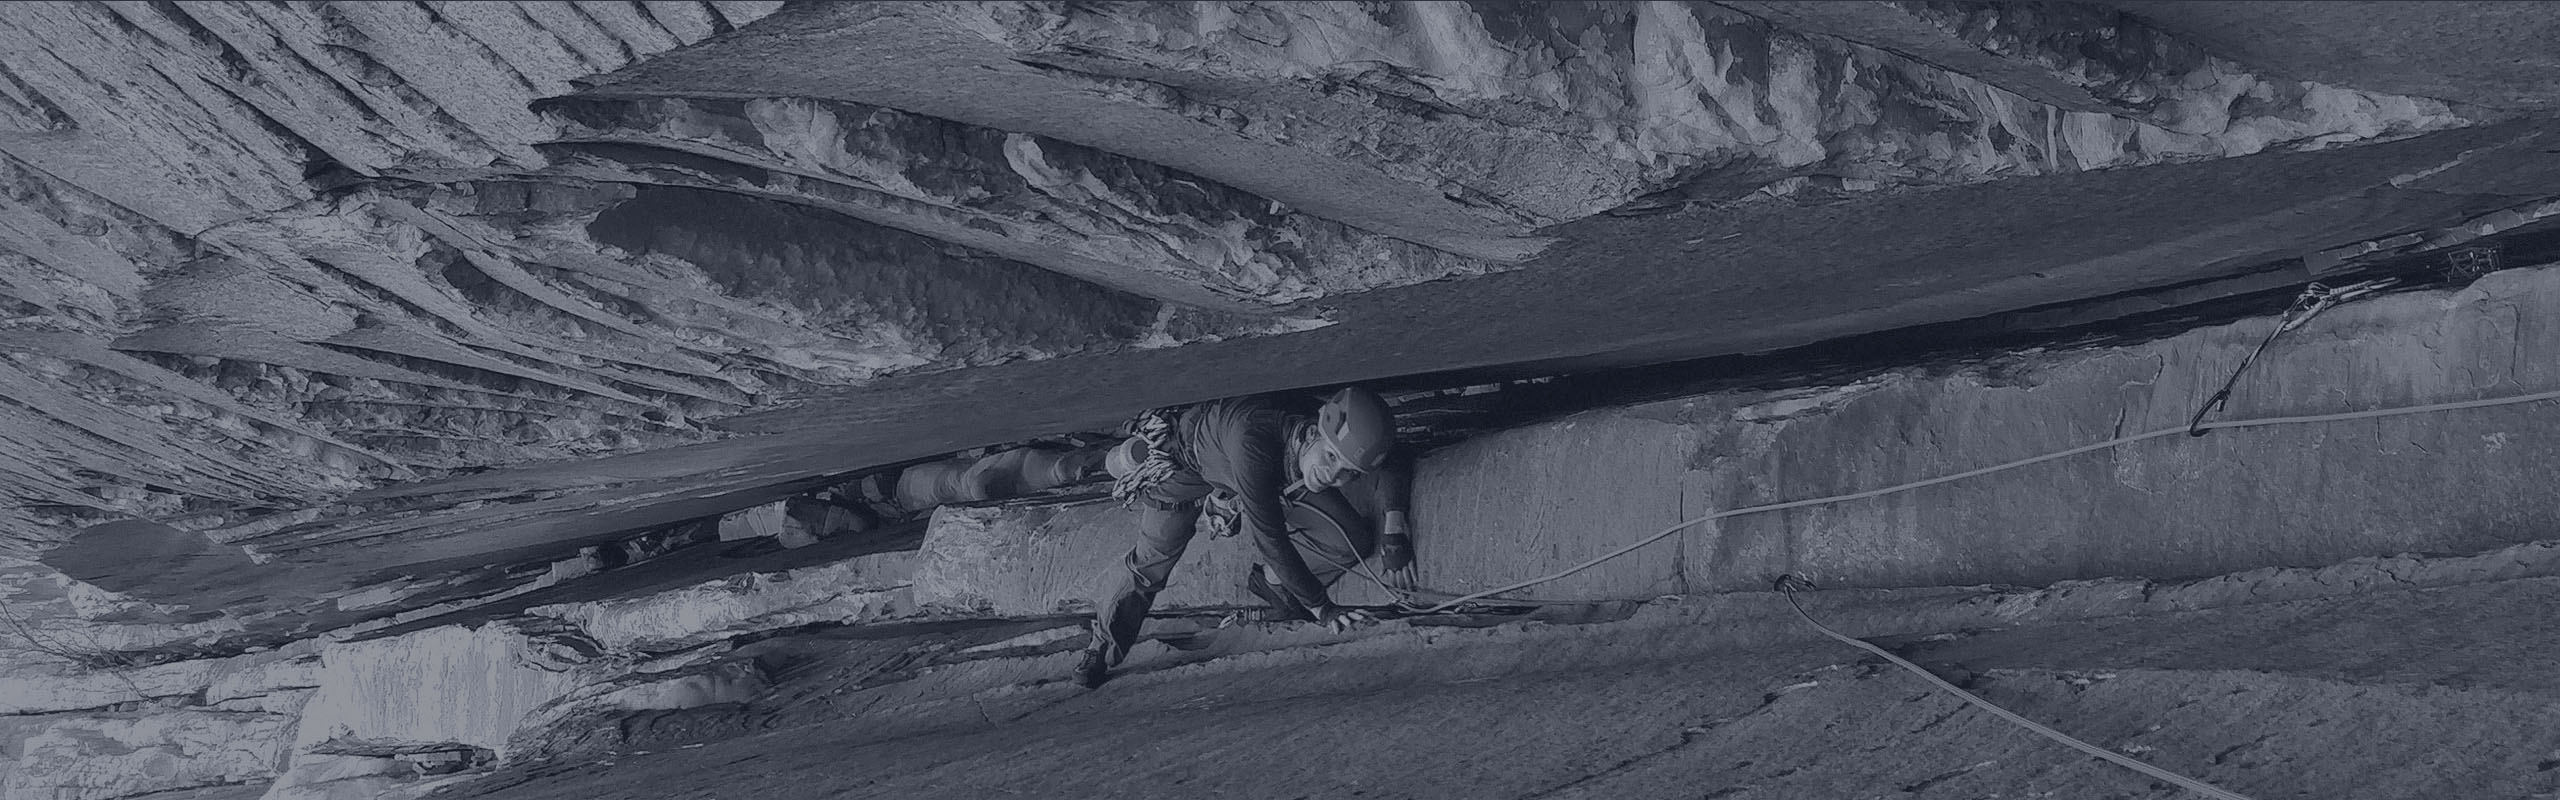 Kurs wspinaczki skalnej etap II: na własnej asekuracji